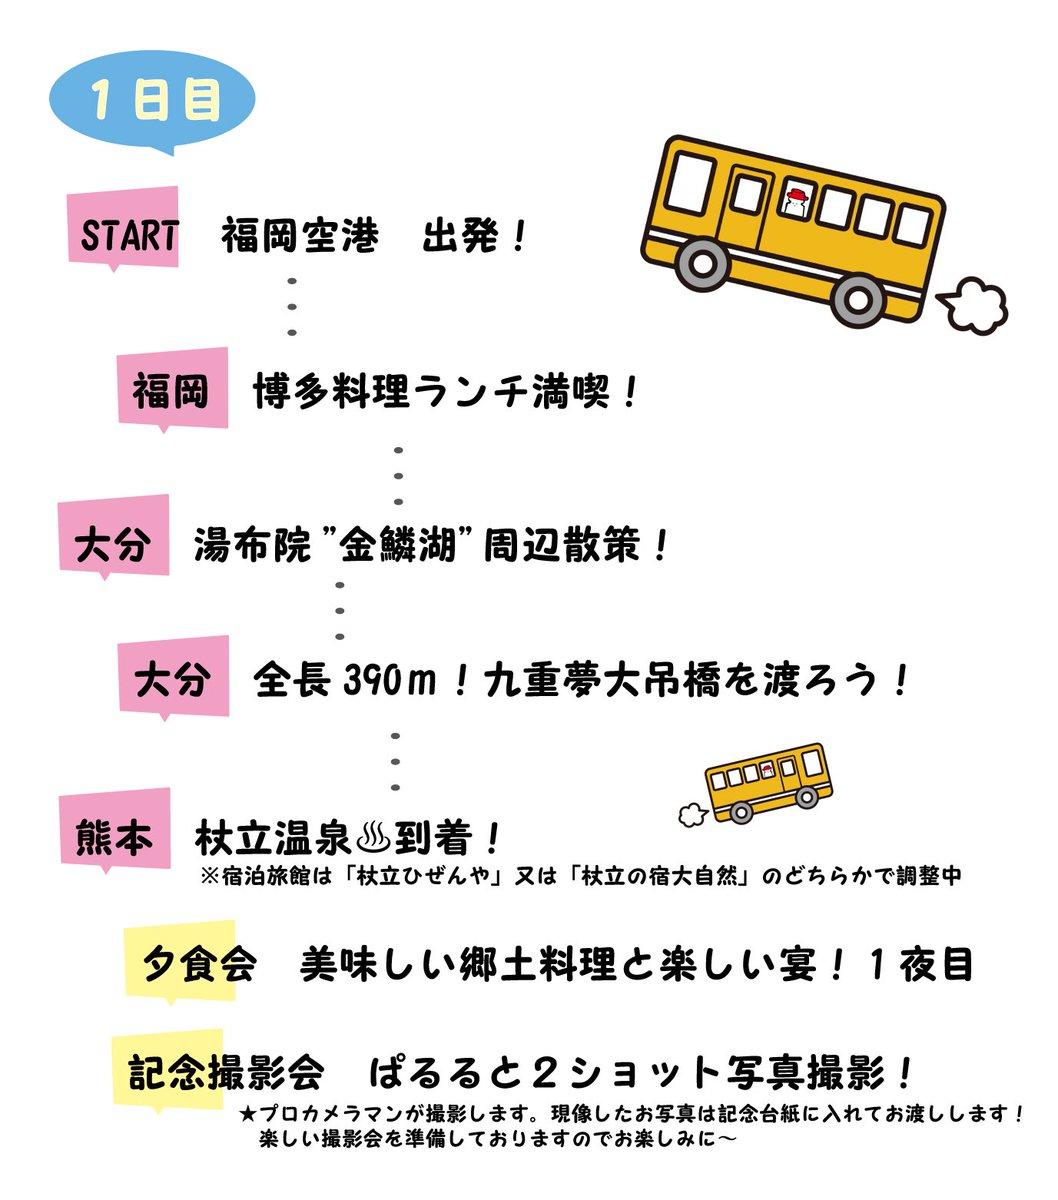 【九州旅行✈️】先着ではなく抽選受付です